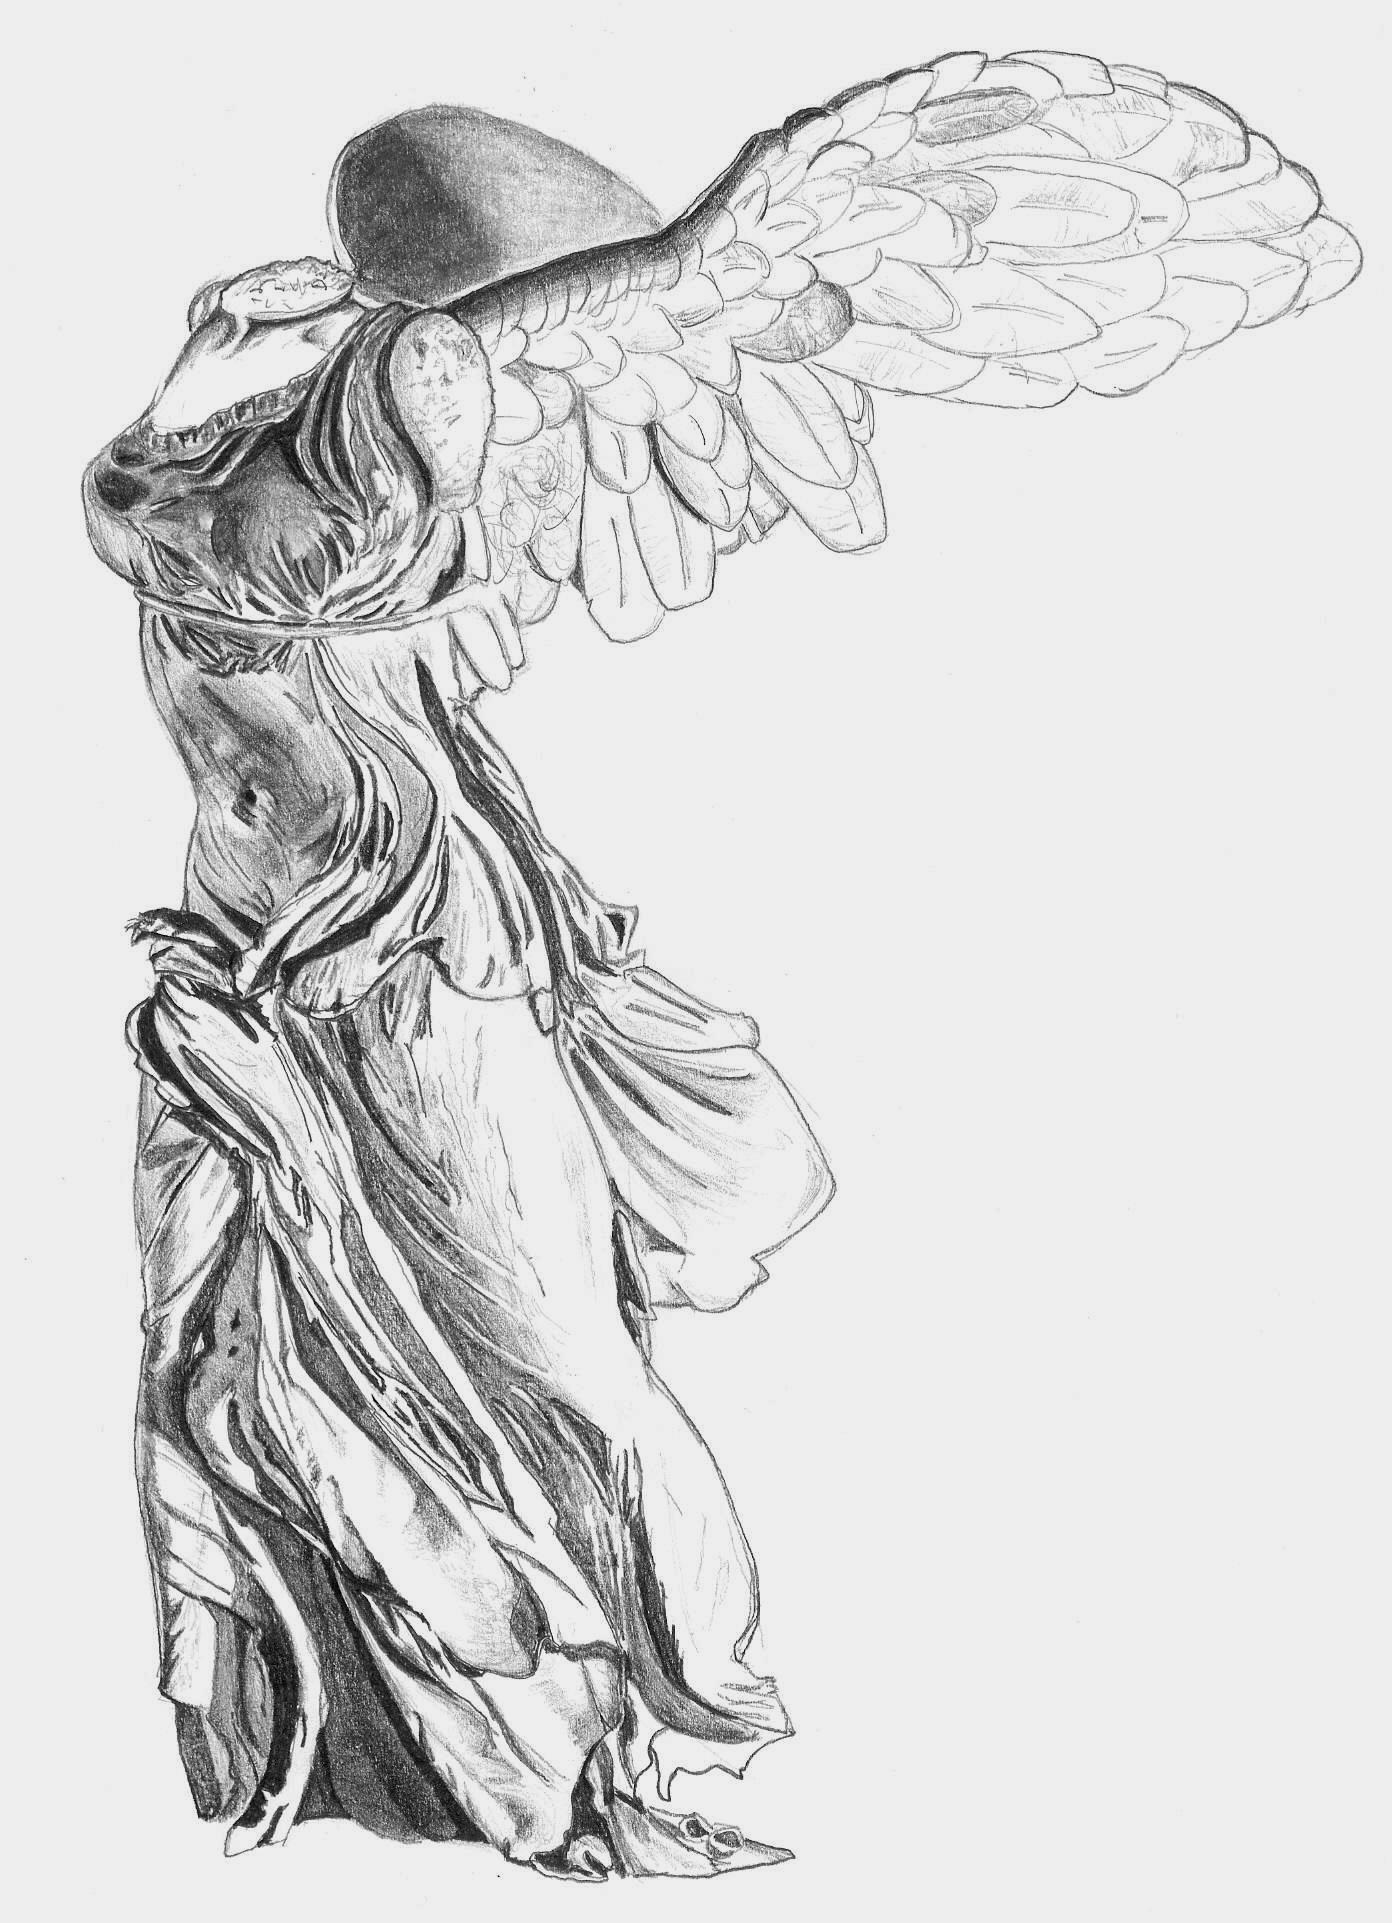 Nike of Samothrace by TarAldarion on DeviantArt